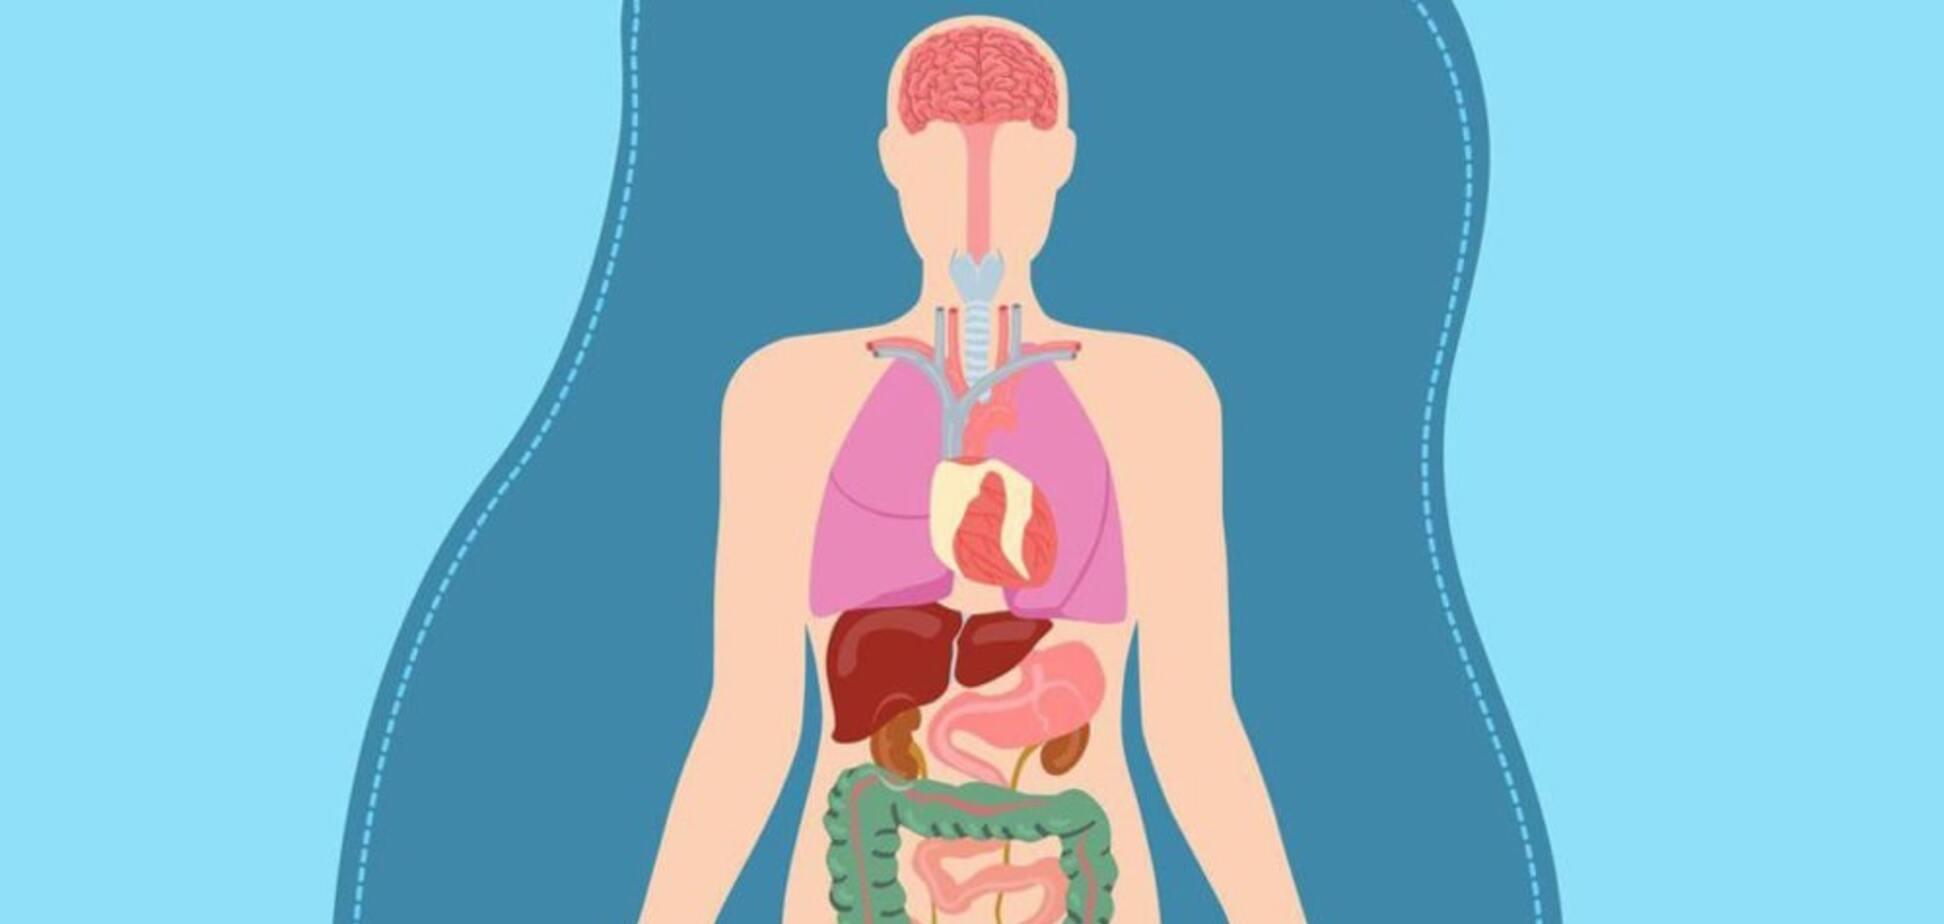 Система органов тела человека: интересные факты